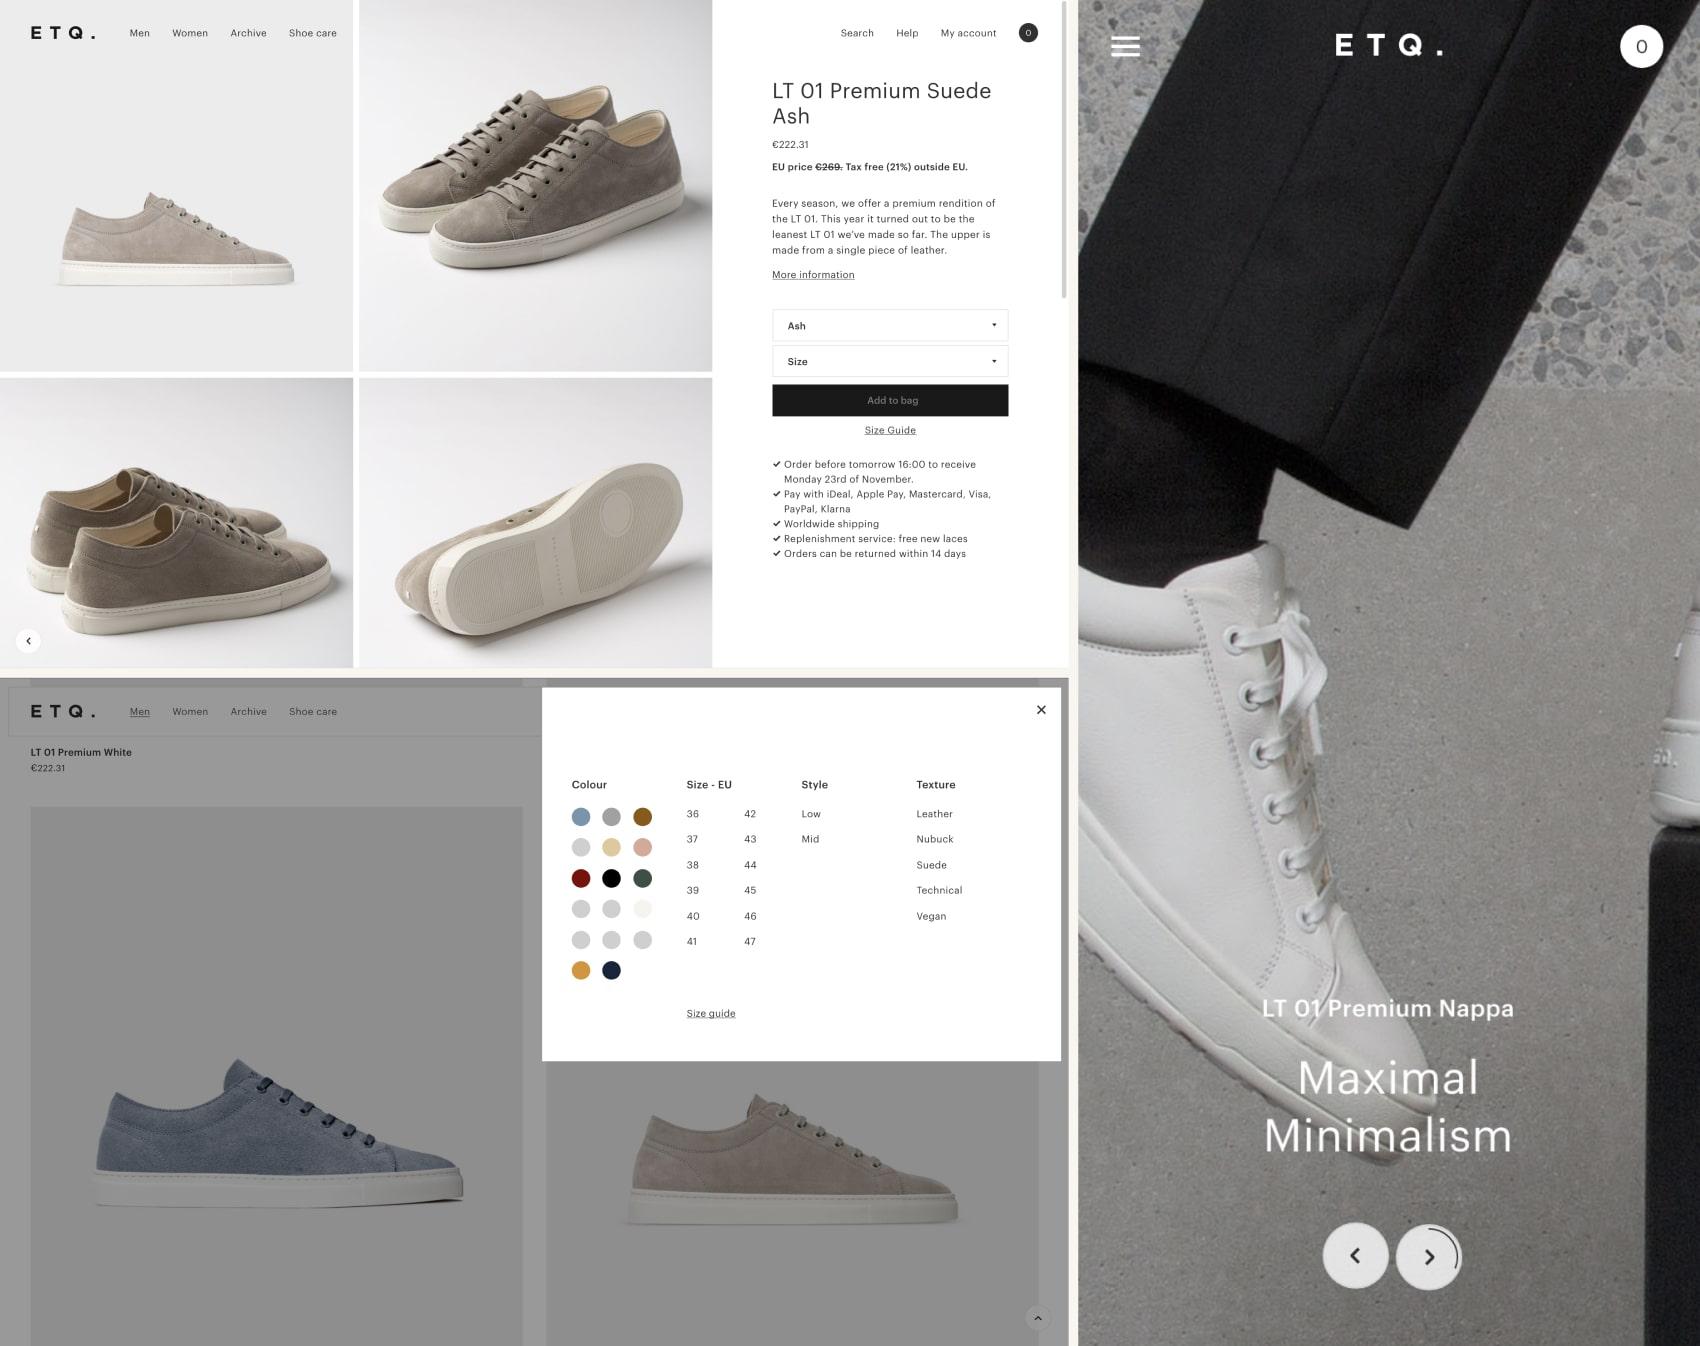 дизайн интернет магазина ETQ